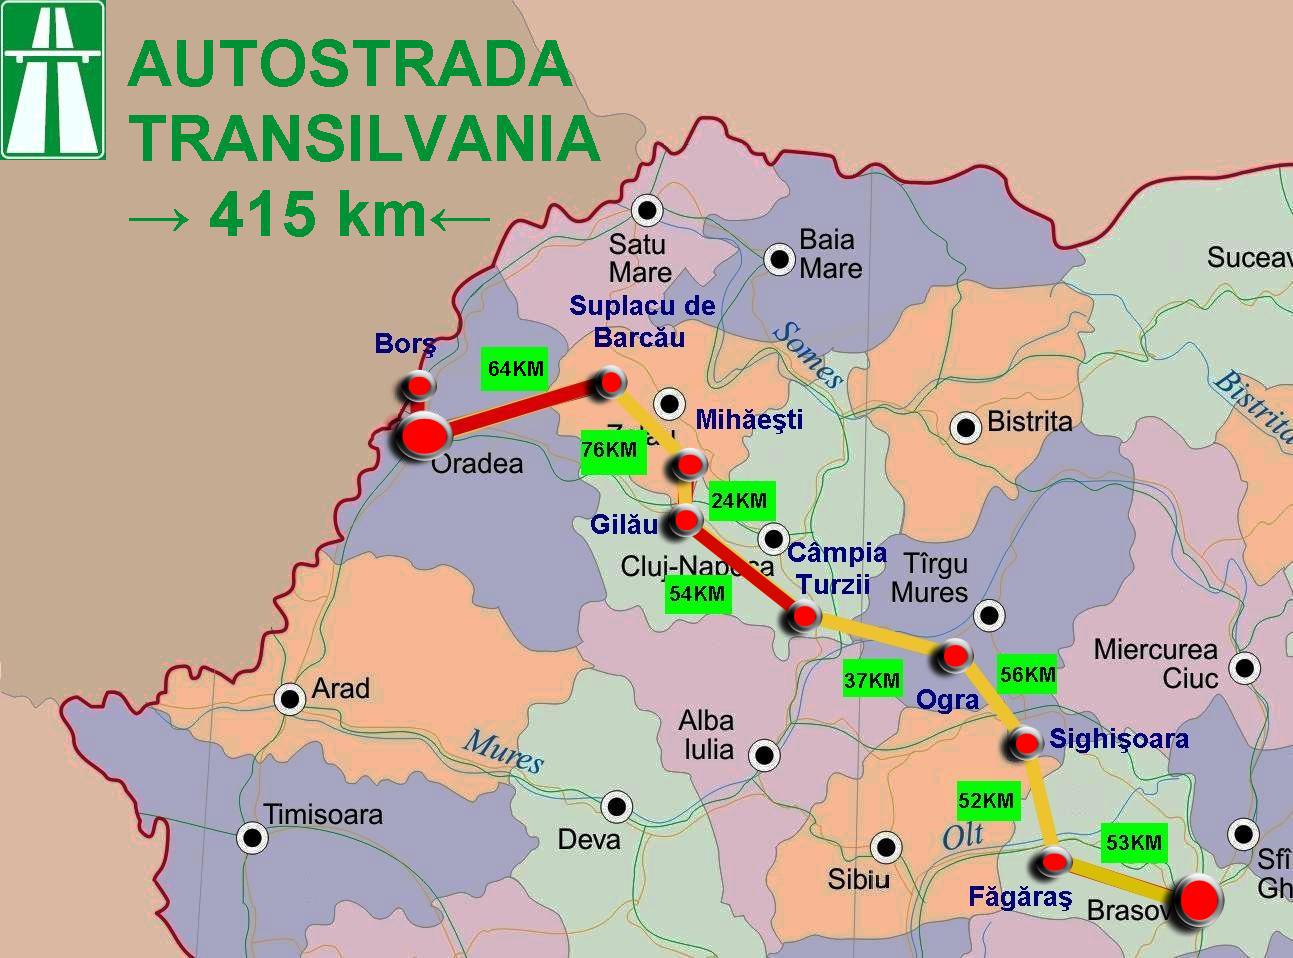 Fontos Bejelentes Az Eszak Erdelyi Autopalyaval Kapcsolatosan